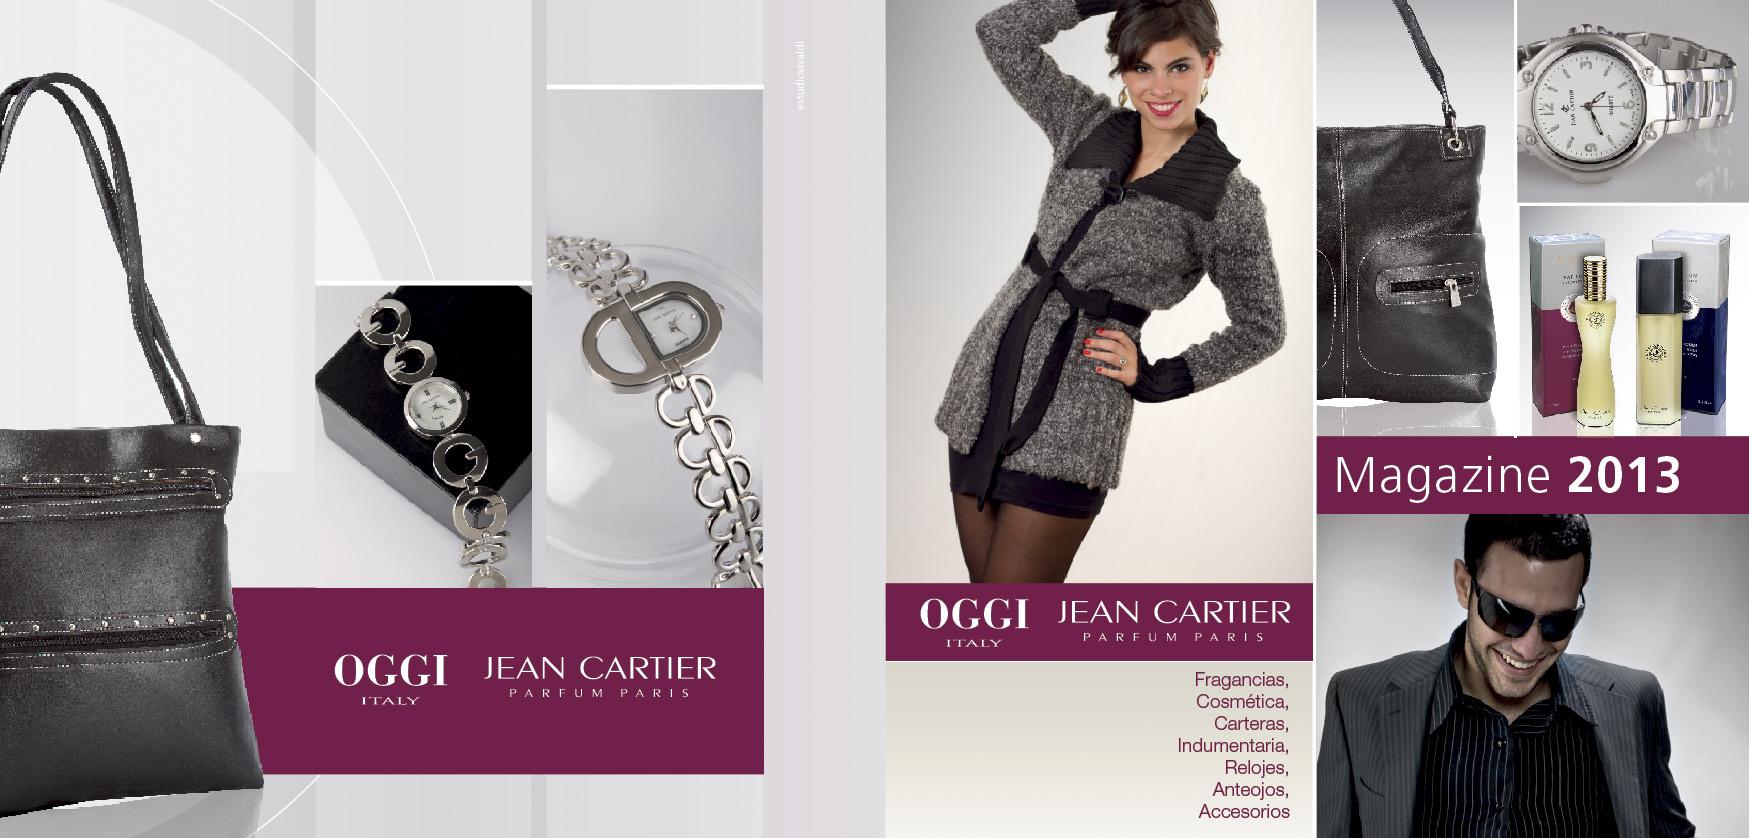 Tapa Catálogo Oggi / jean Cartier